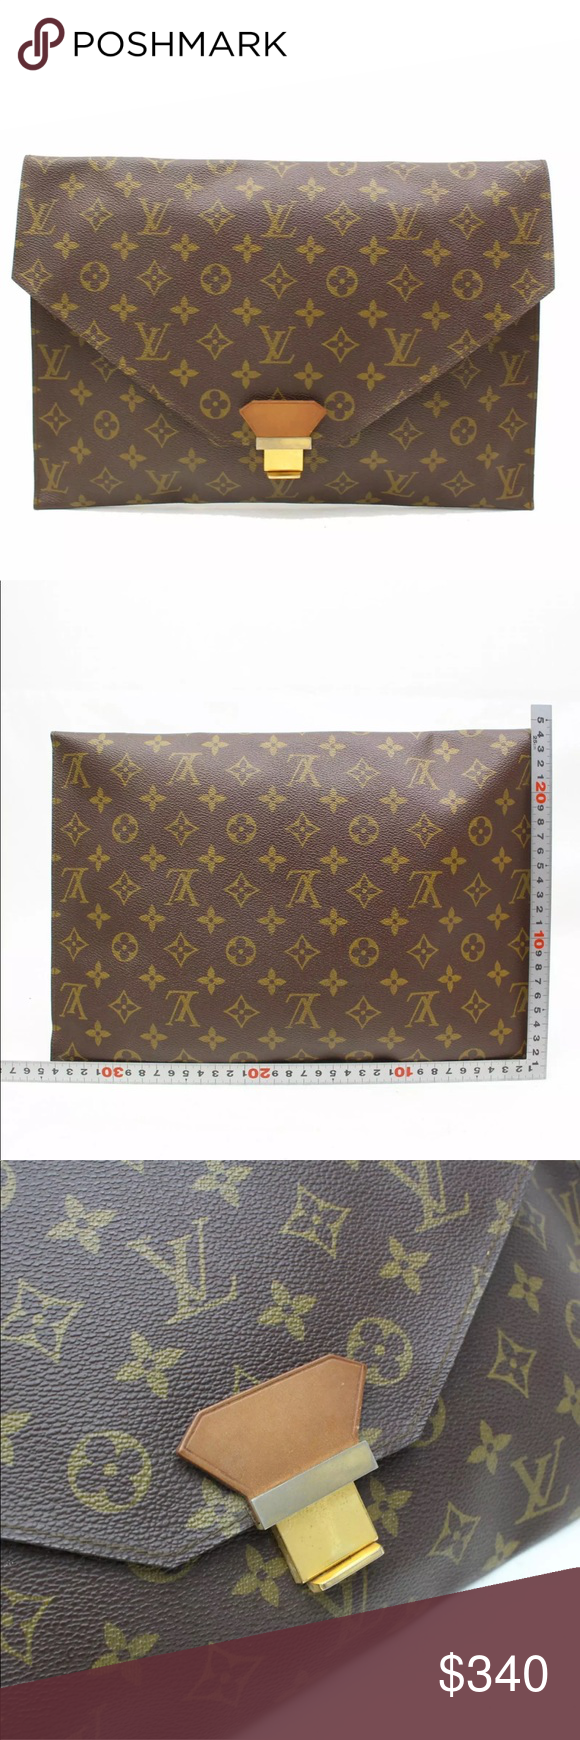 Authentic Louis Vuitton Pochette Envelope Clutch Louis Vuitton Pochette Authentic Louis Vuitton Louis Vuitton